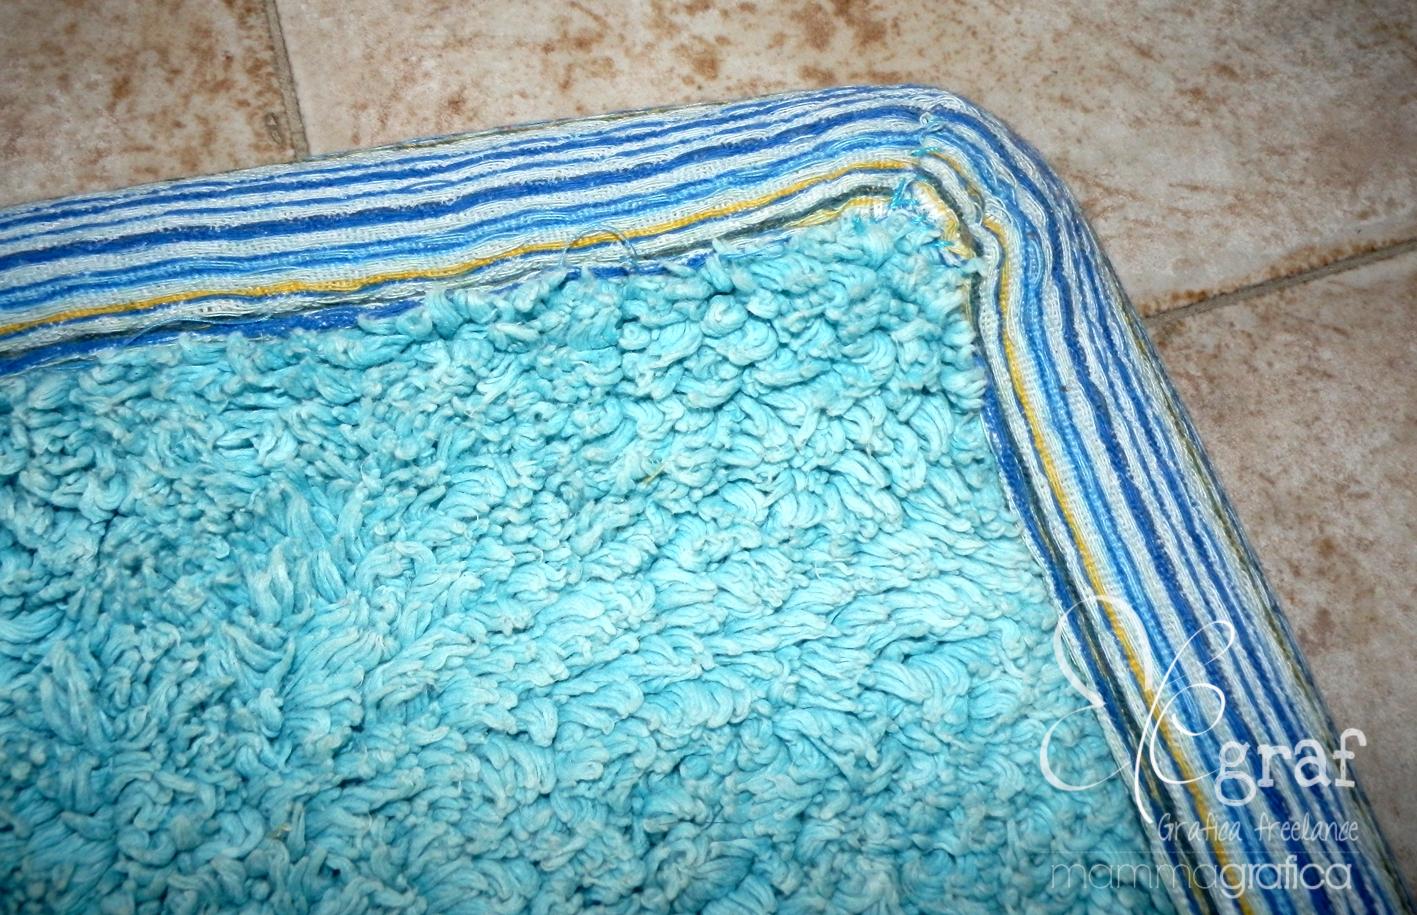 Elegraf grafica freelance come riciclare un tappetino da - Mi bagno troppo ...